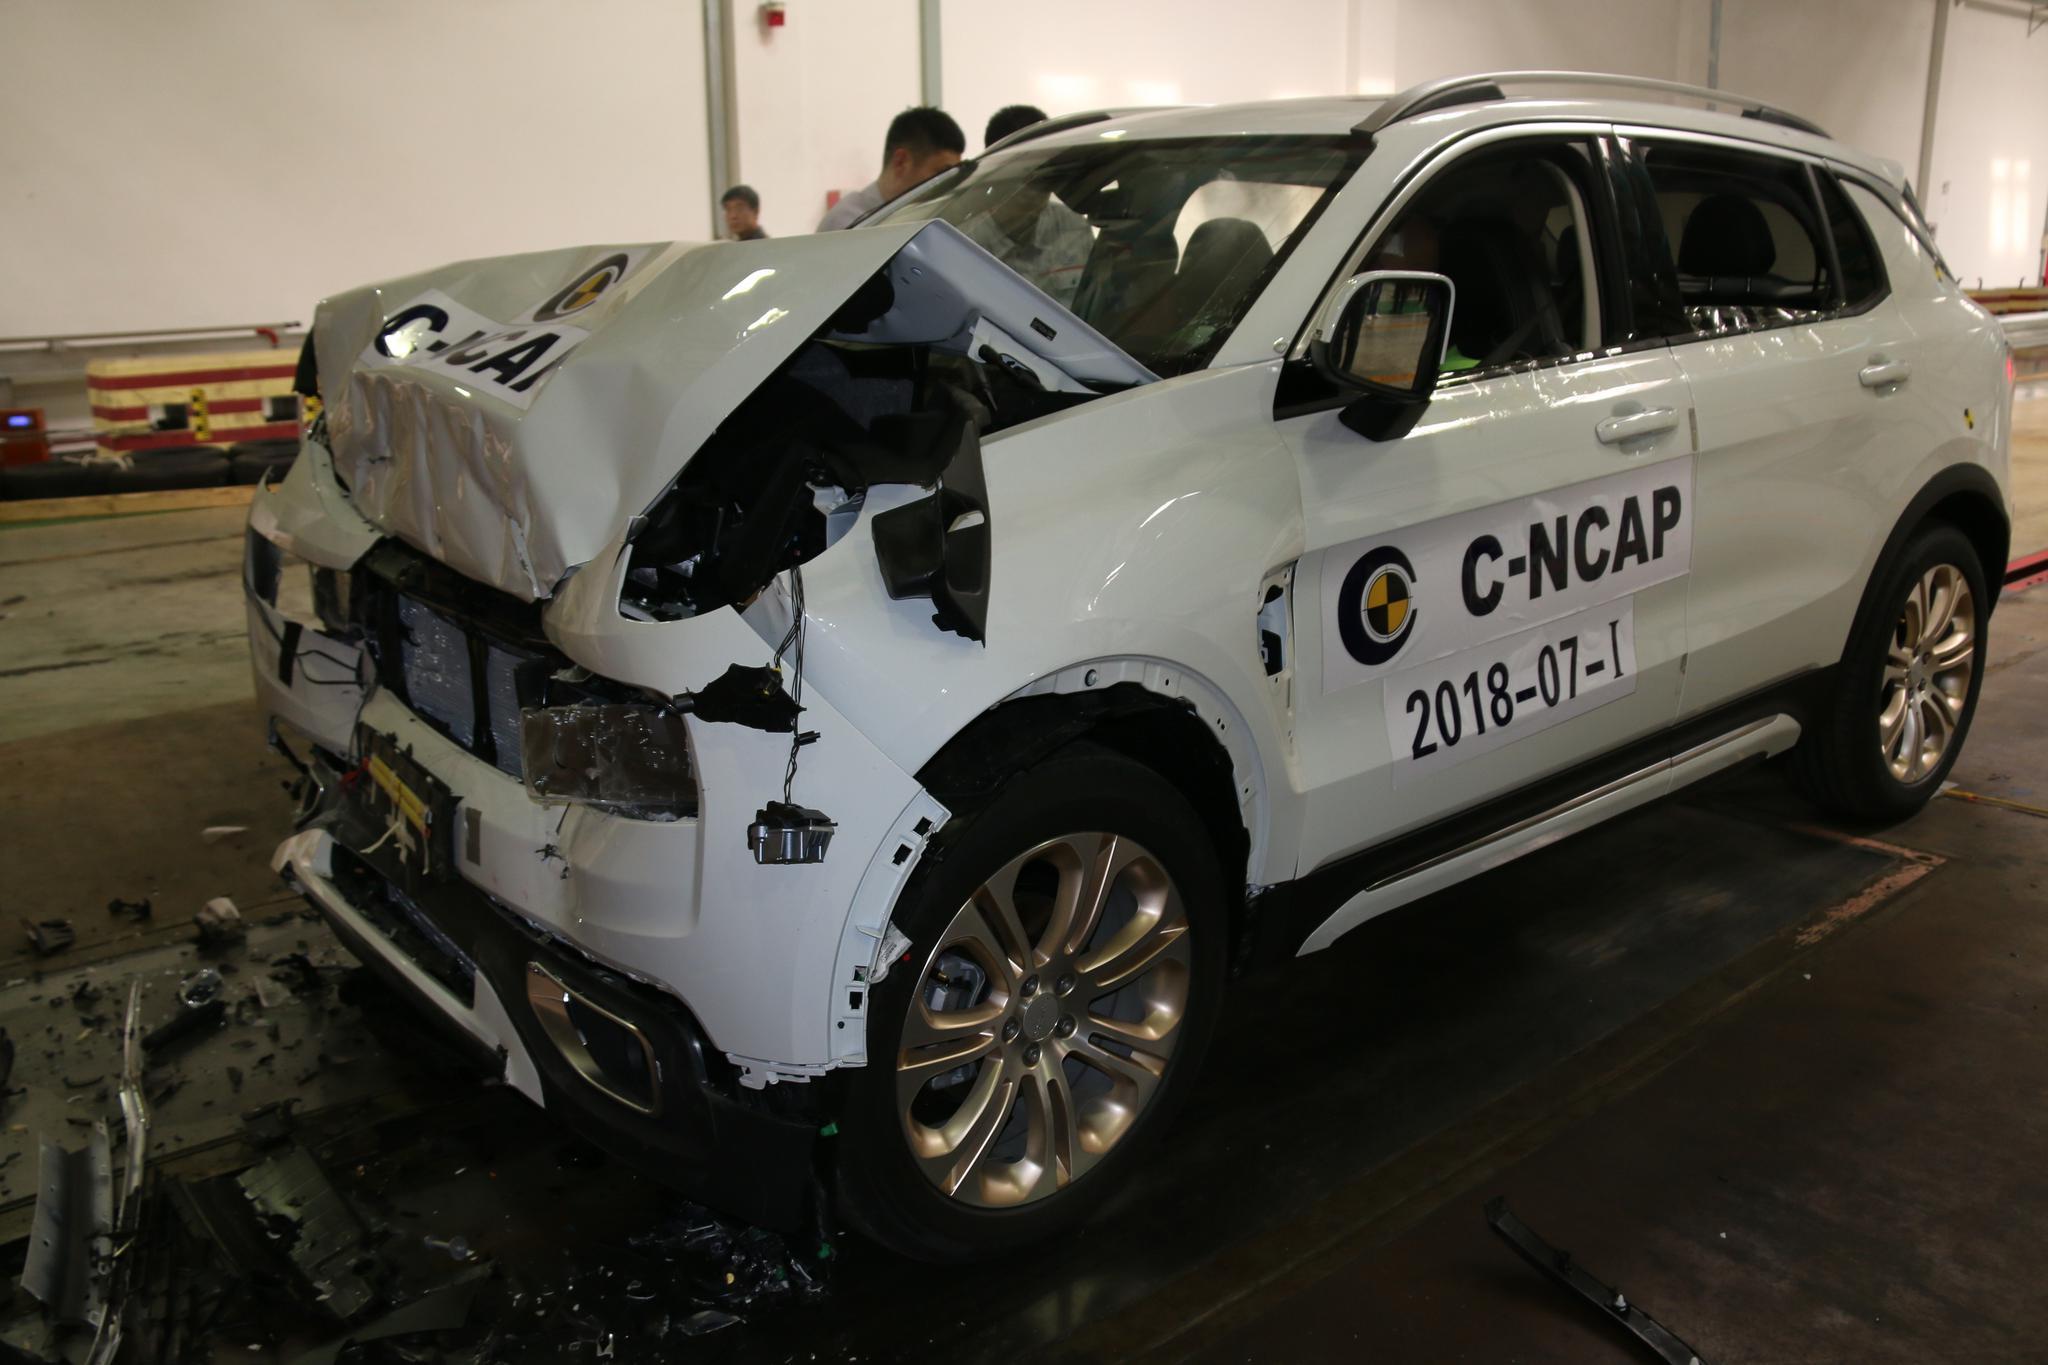 领克01C-<em>NCAP</em>正面碰撞测试结果不理想 车体、假人不同程度损伤